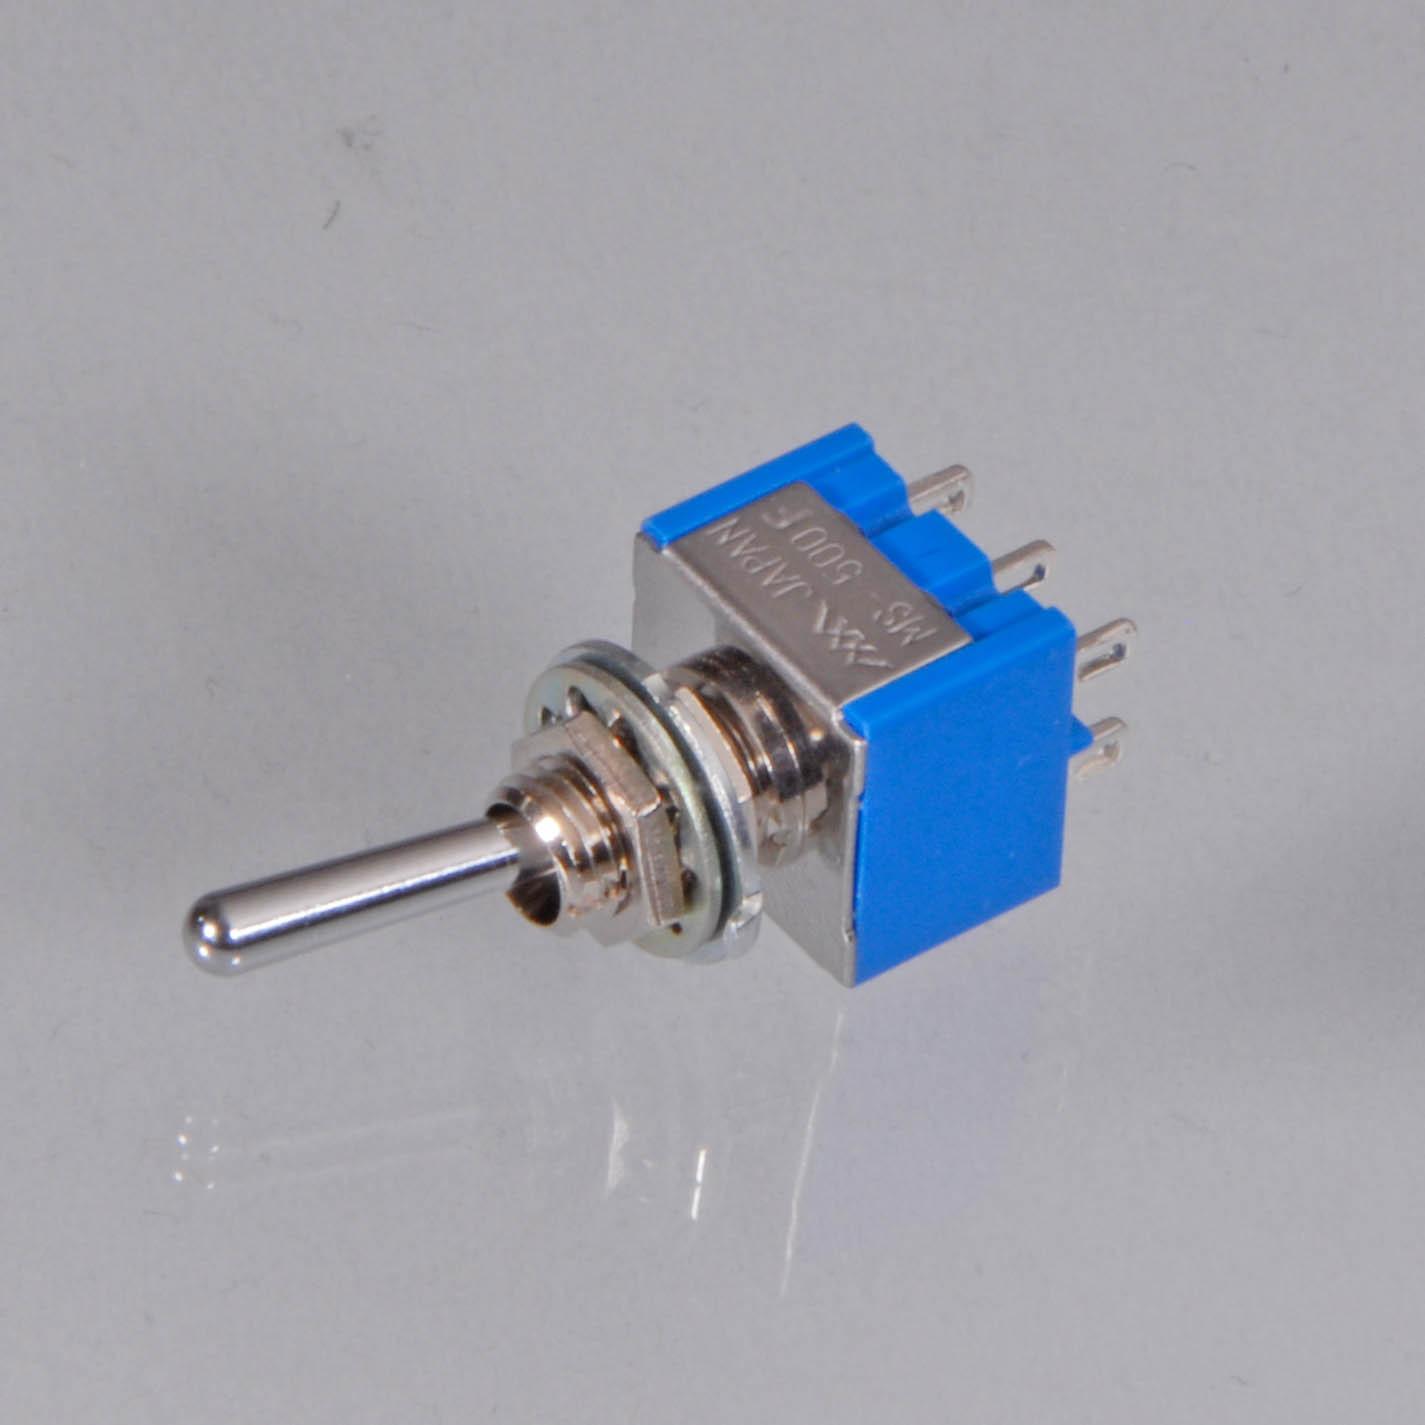 2-poliger Miniatur-Kippschalter (Miyama MS500F) als Ersatzteil - NT-Version